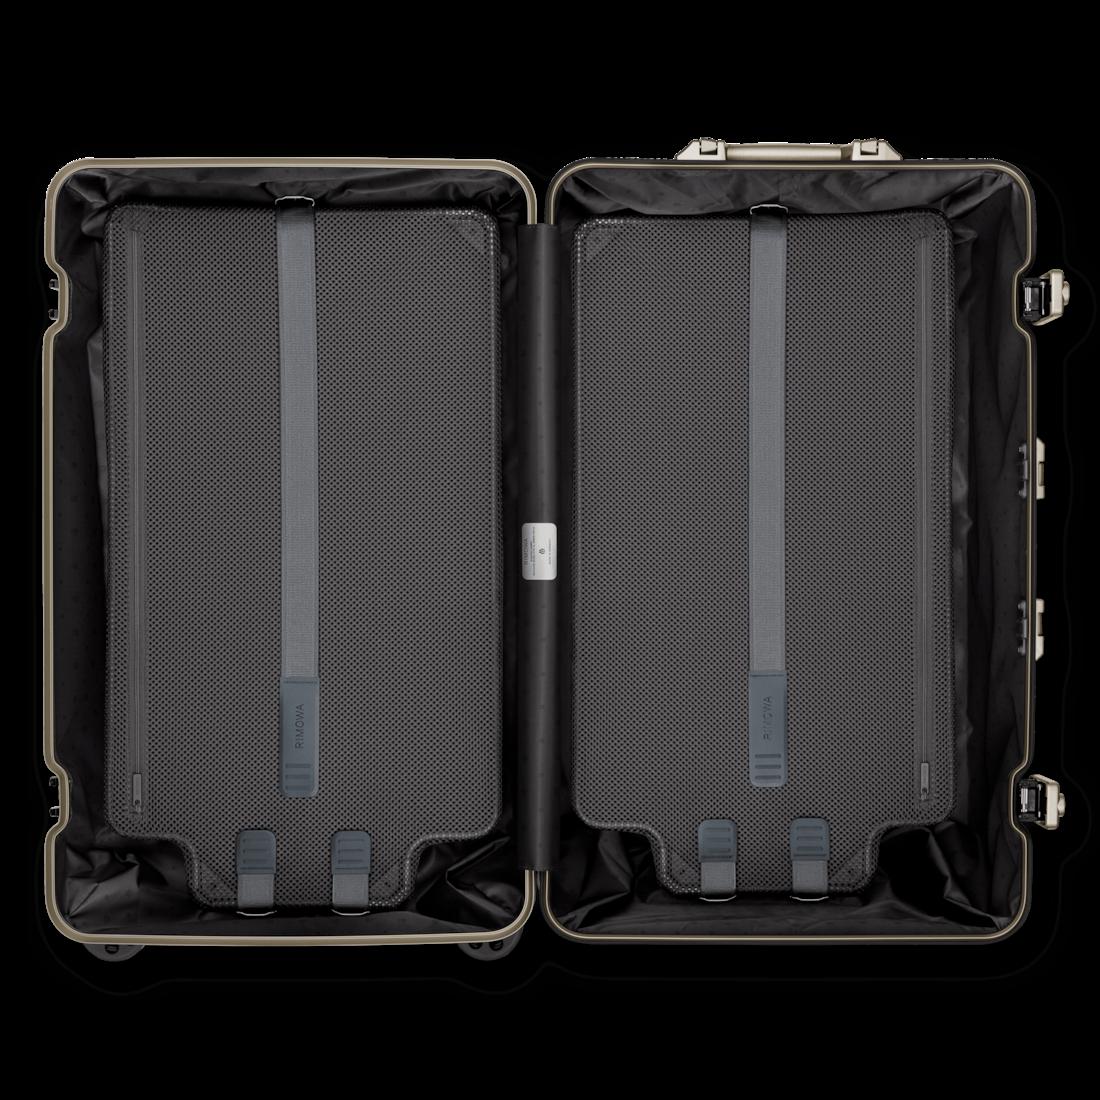 RIMOWA(リモワ)おすすめのブランドスーツケース5